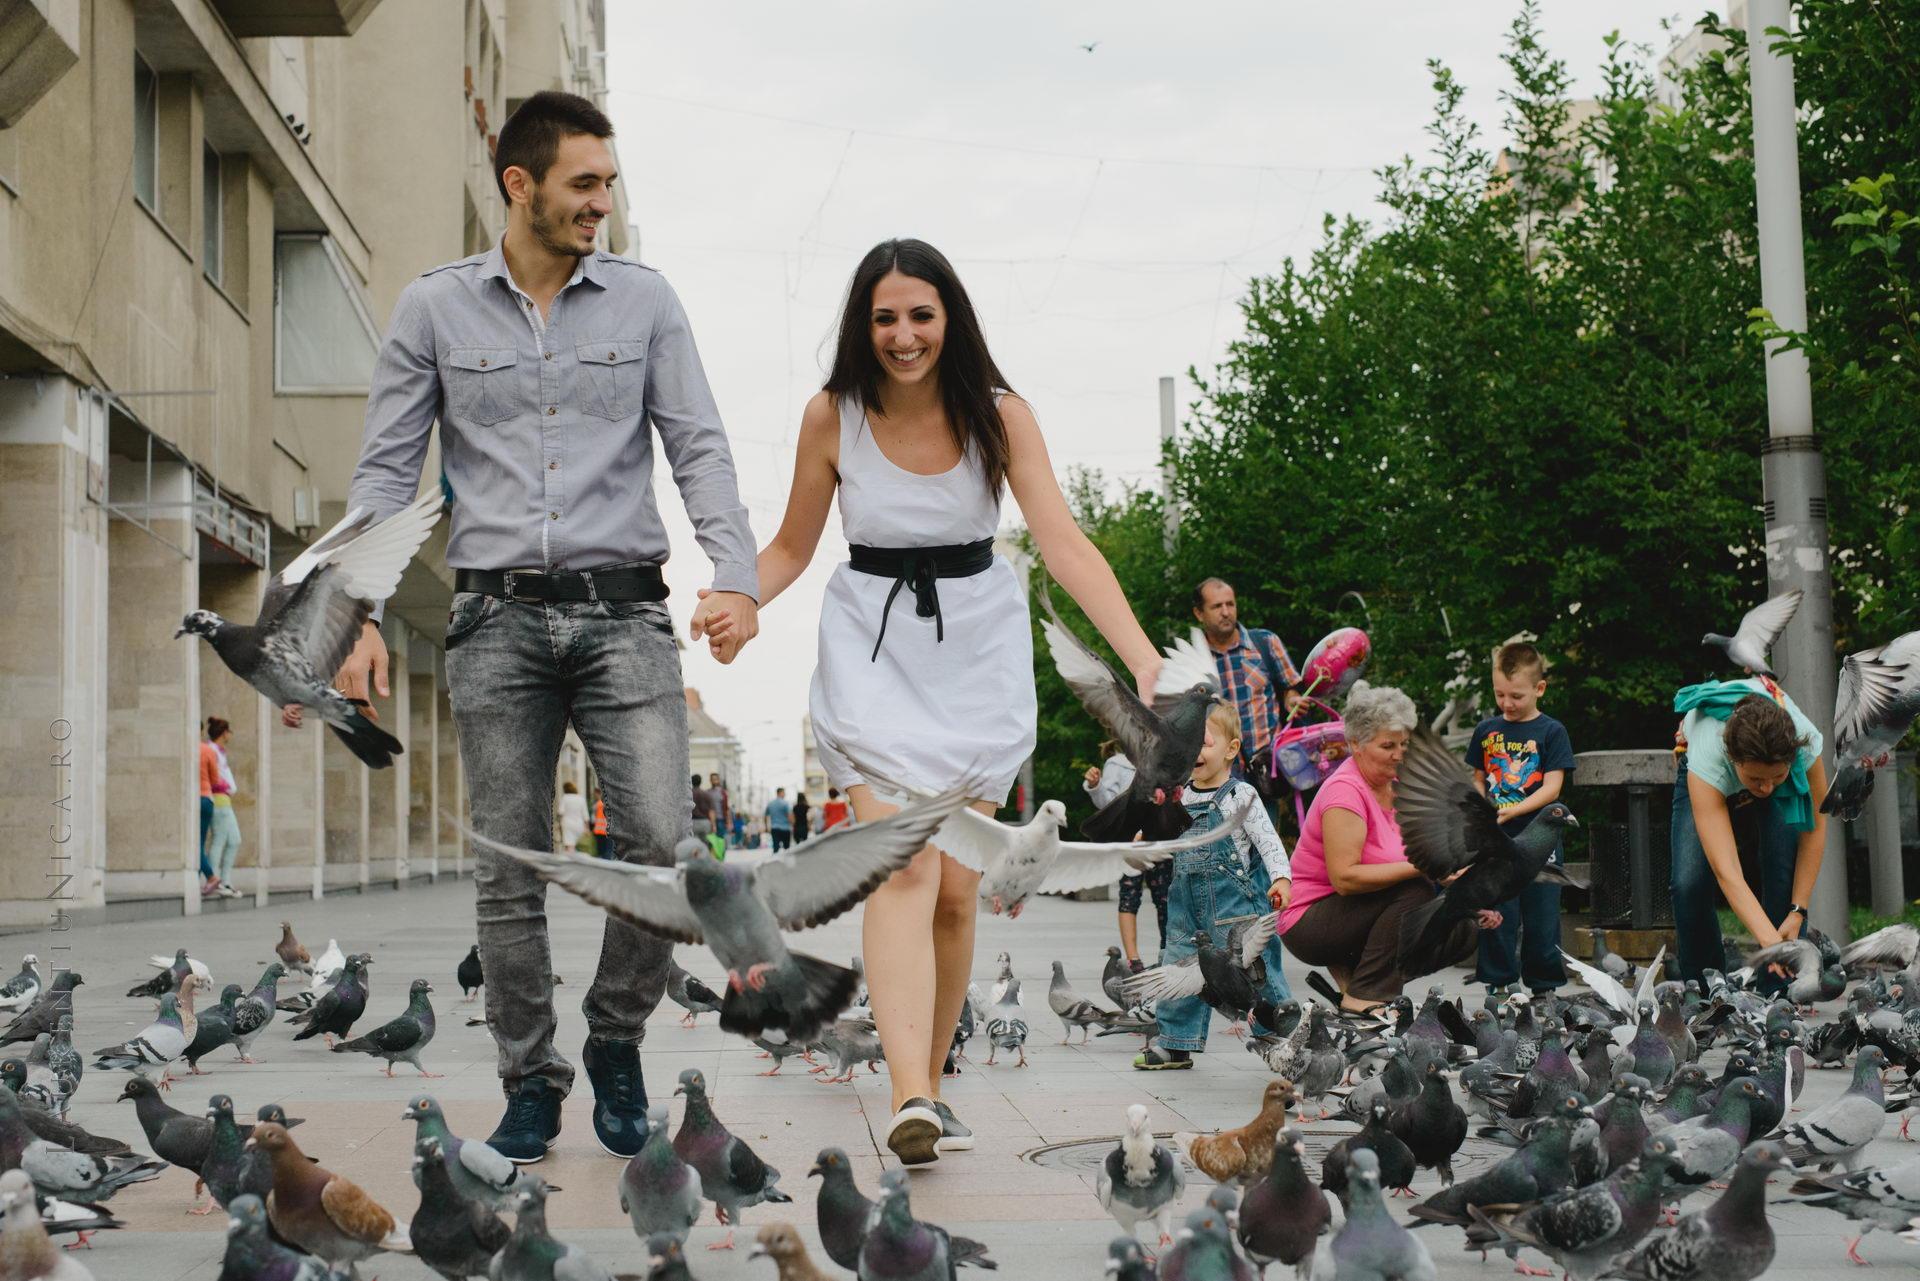 sedinta foto save the date fotograf laurentiu nica craiova 01 - Ramona & Marius | Sedinta foto Save the Date